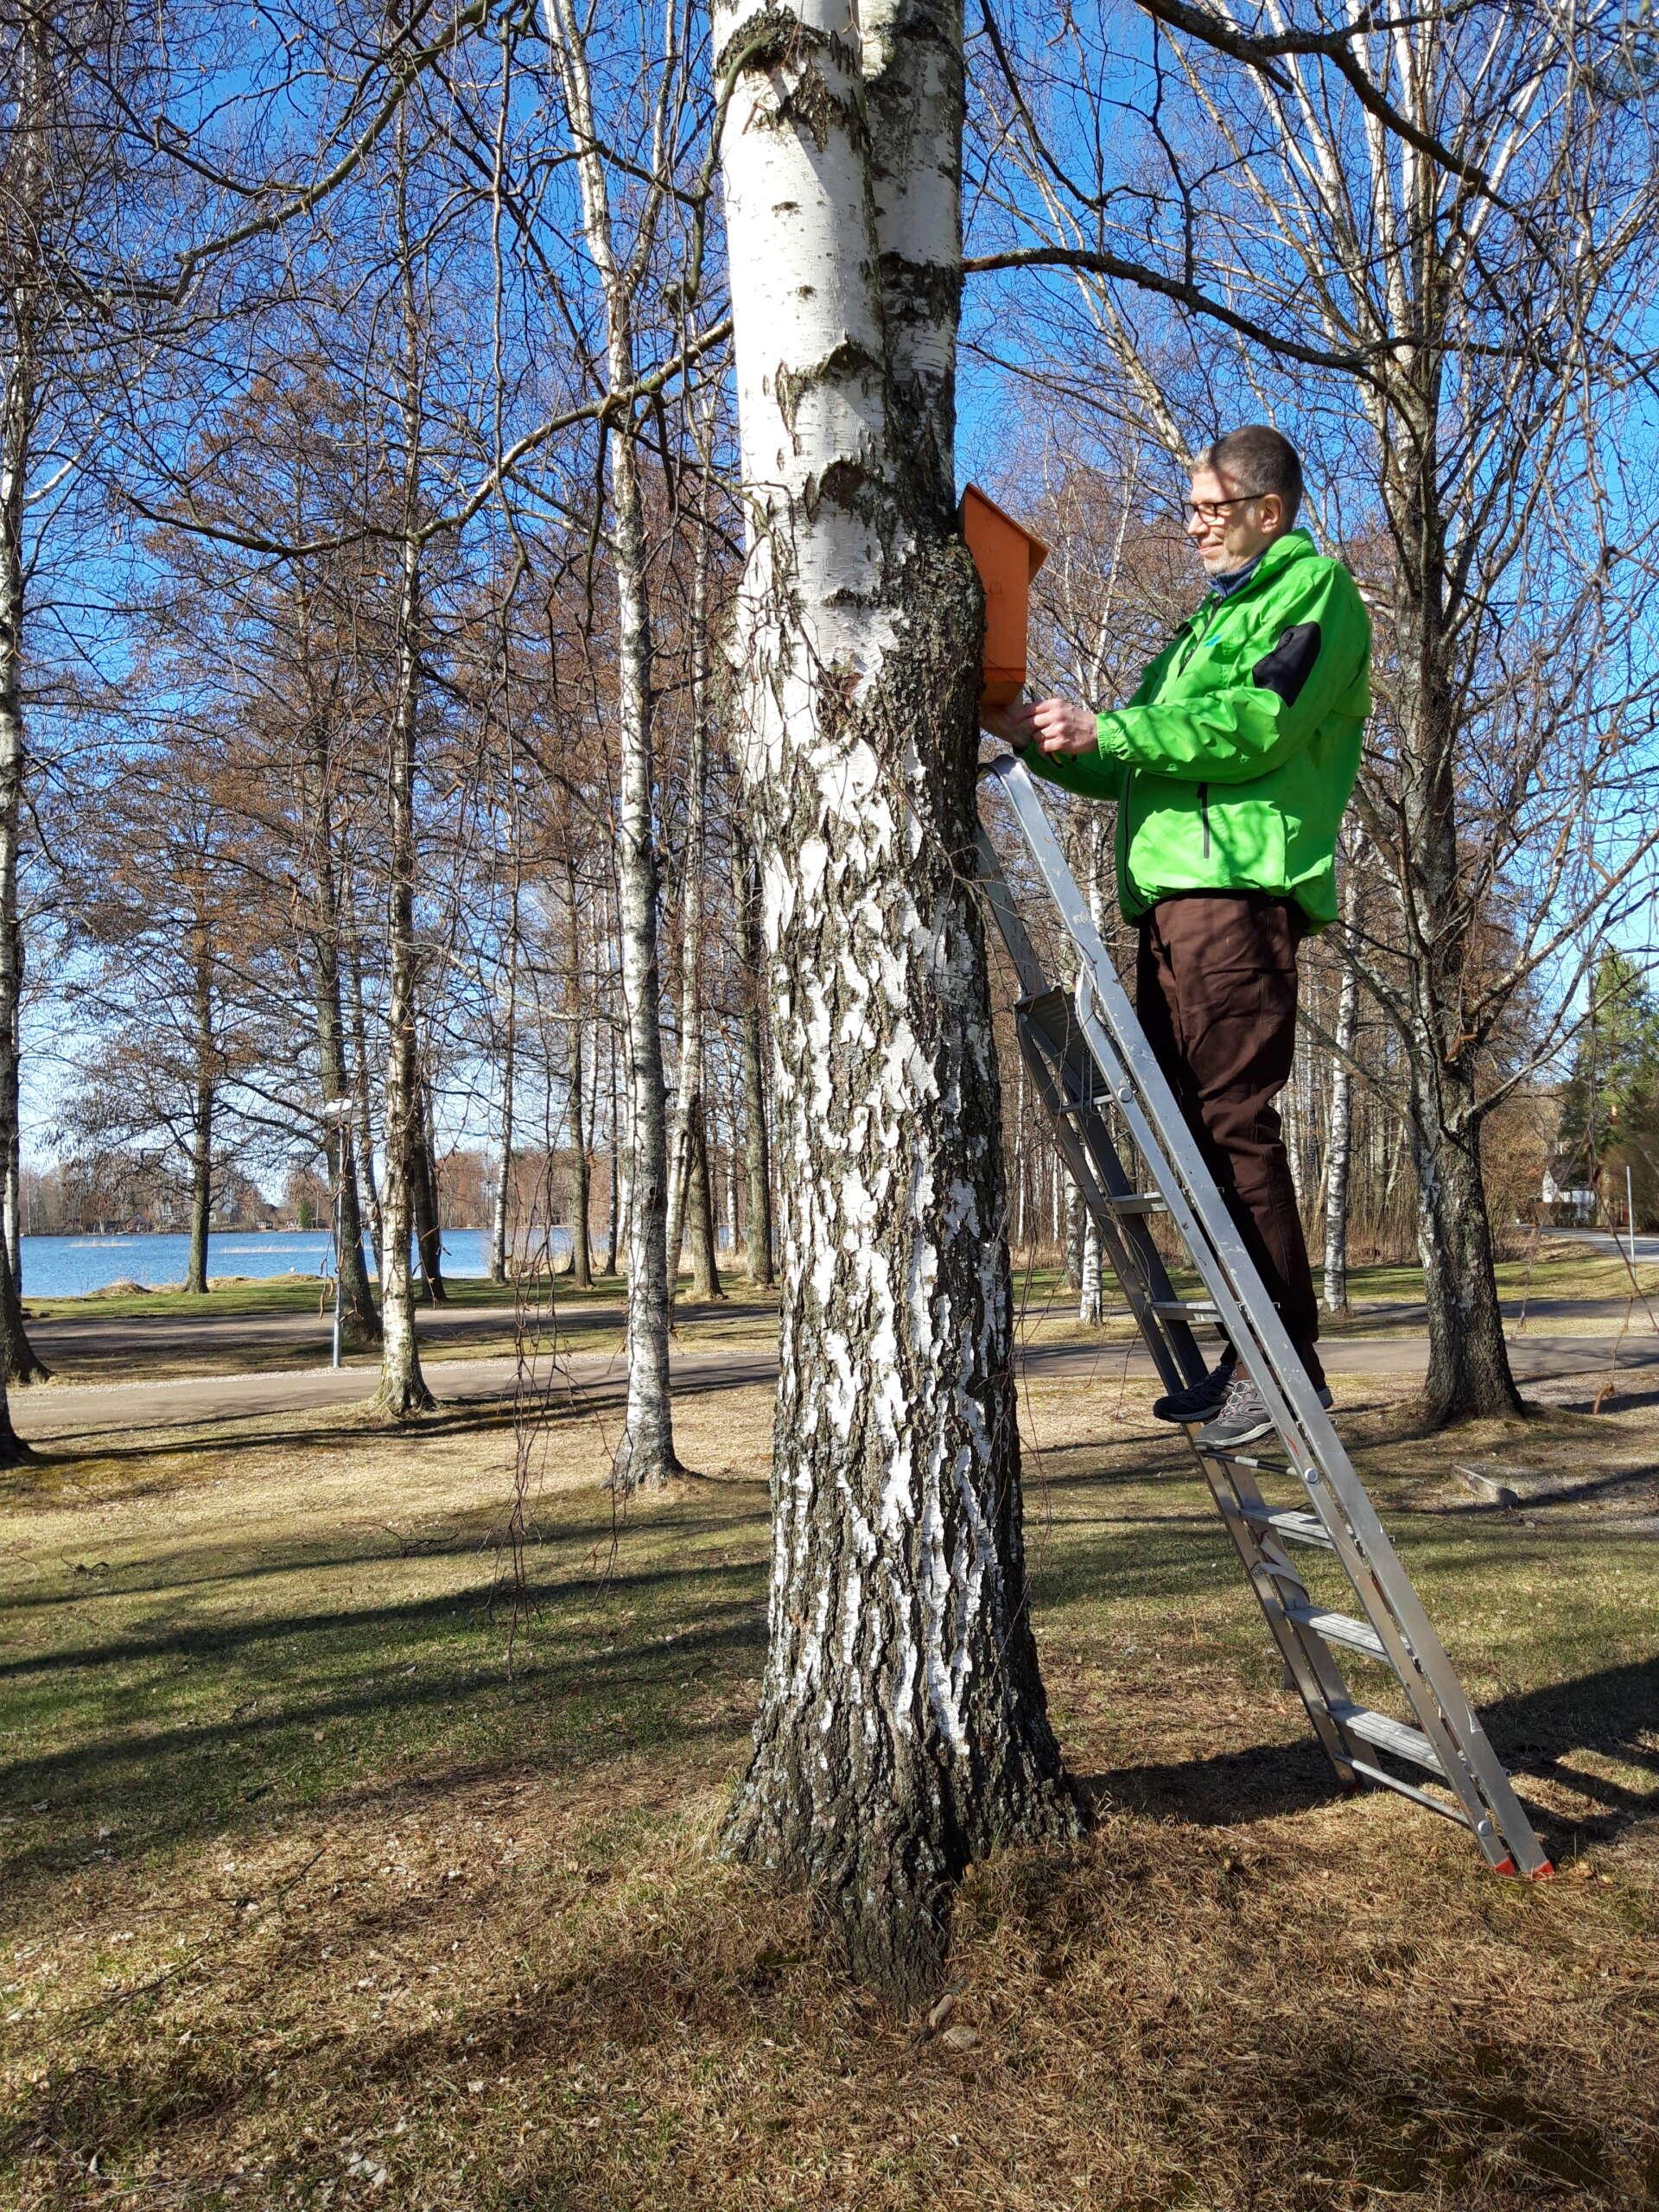 Kunnanjohtaja kiinnittää linnunpönttöä puuhun